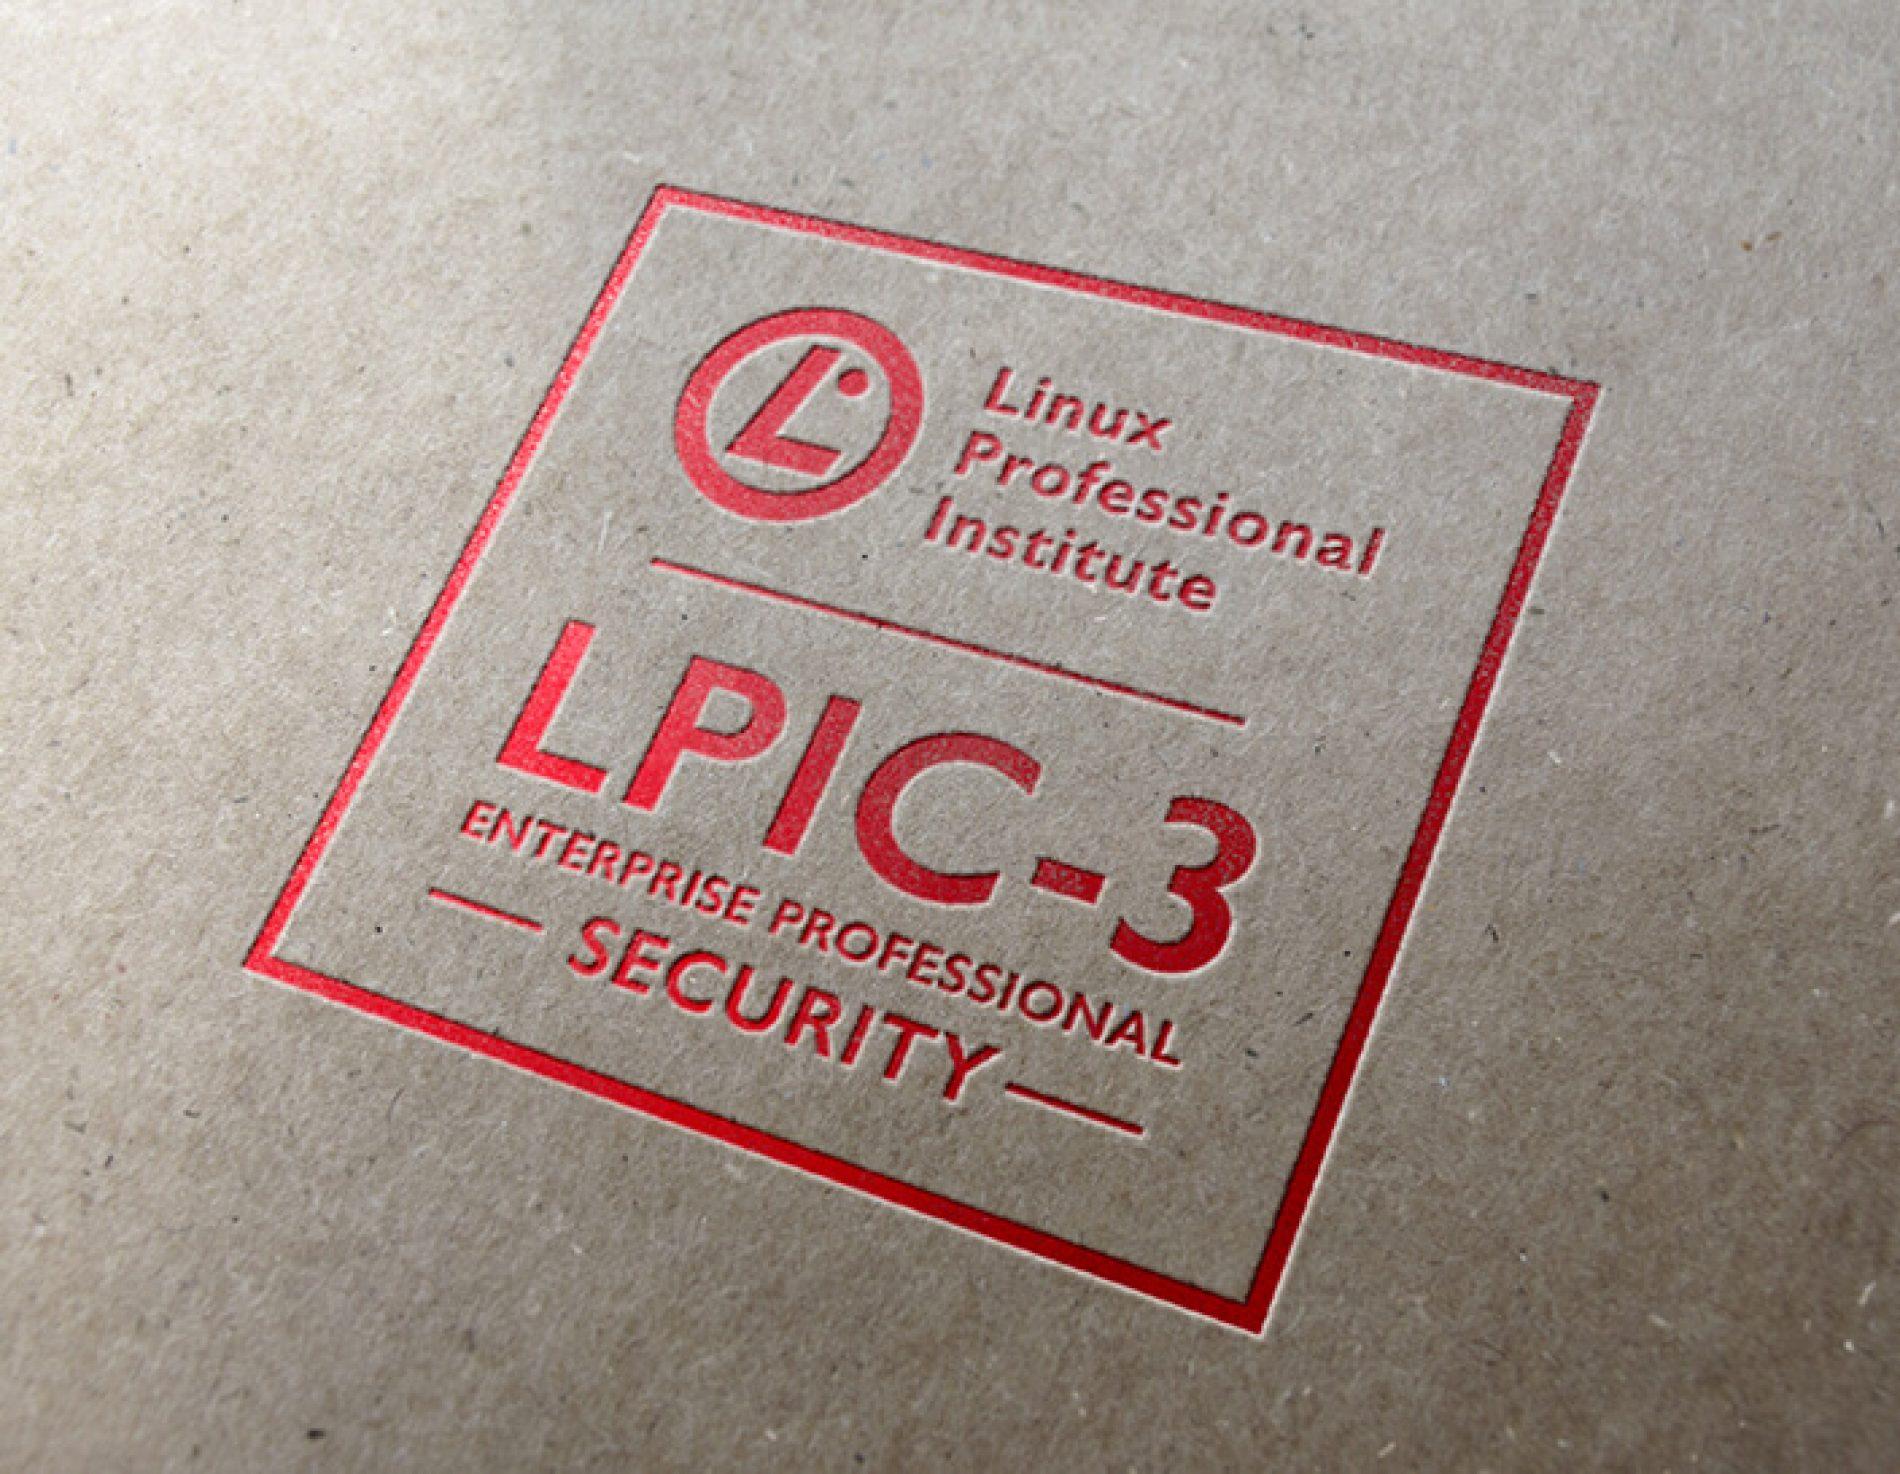 4Linux lança novo conteúdo preparatório para LPIC-3 – 303